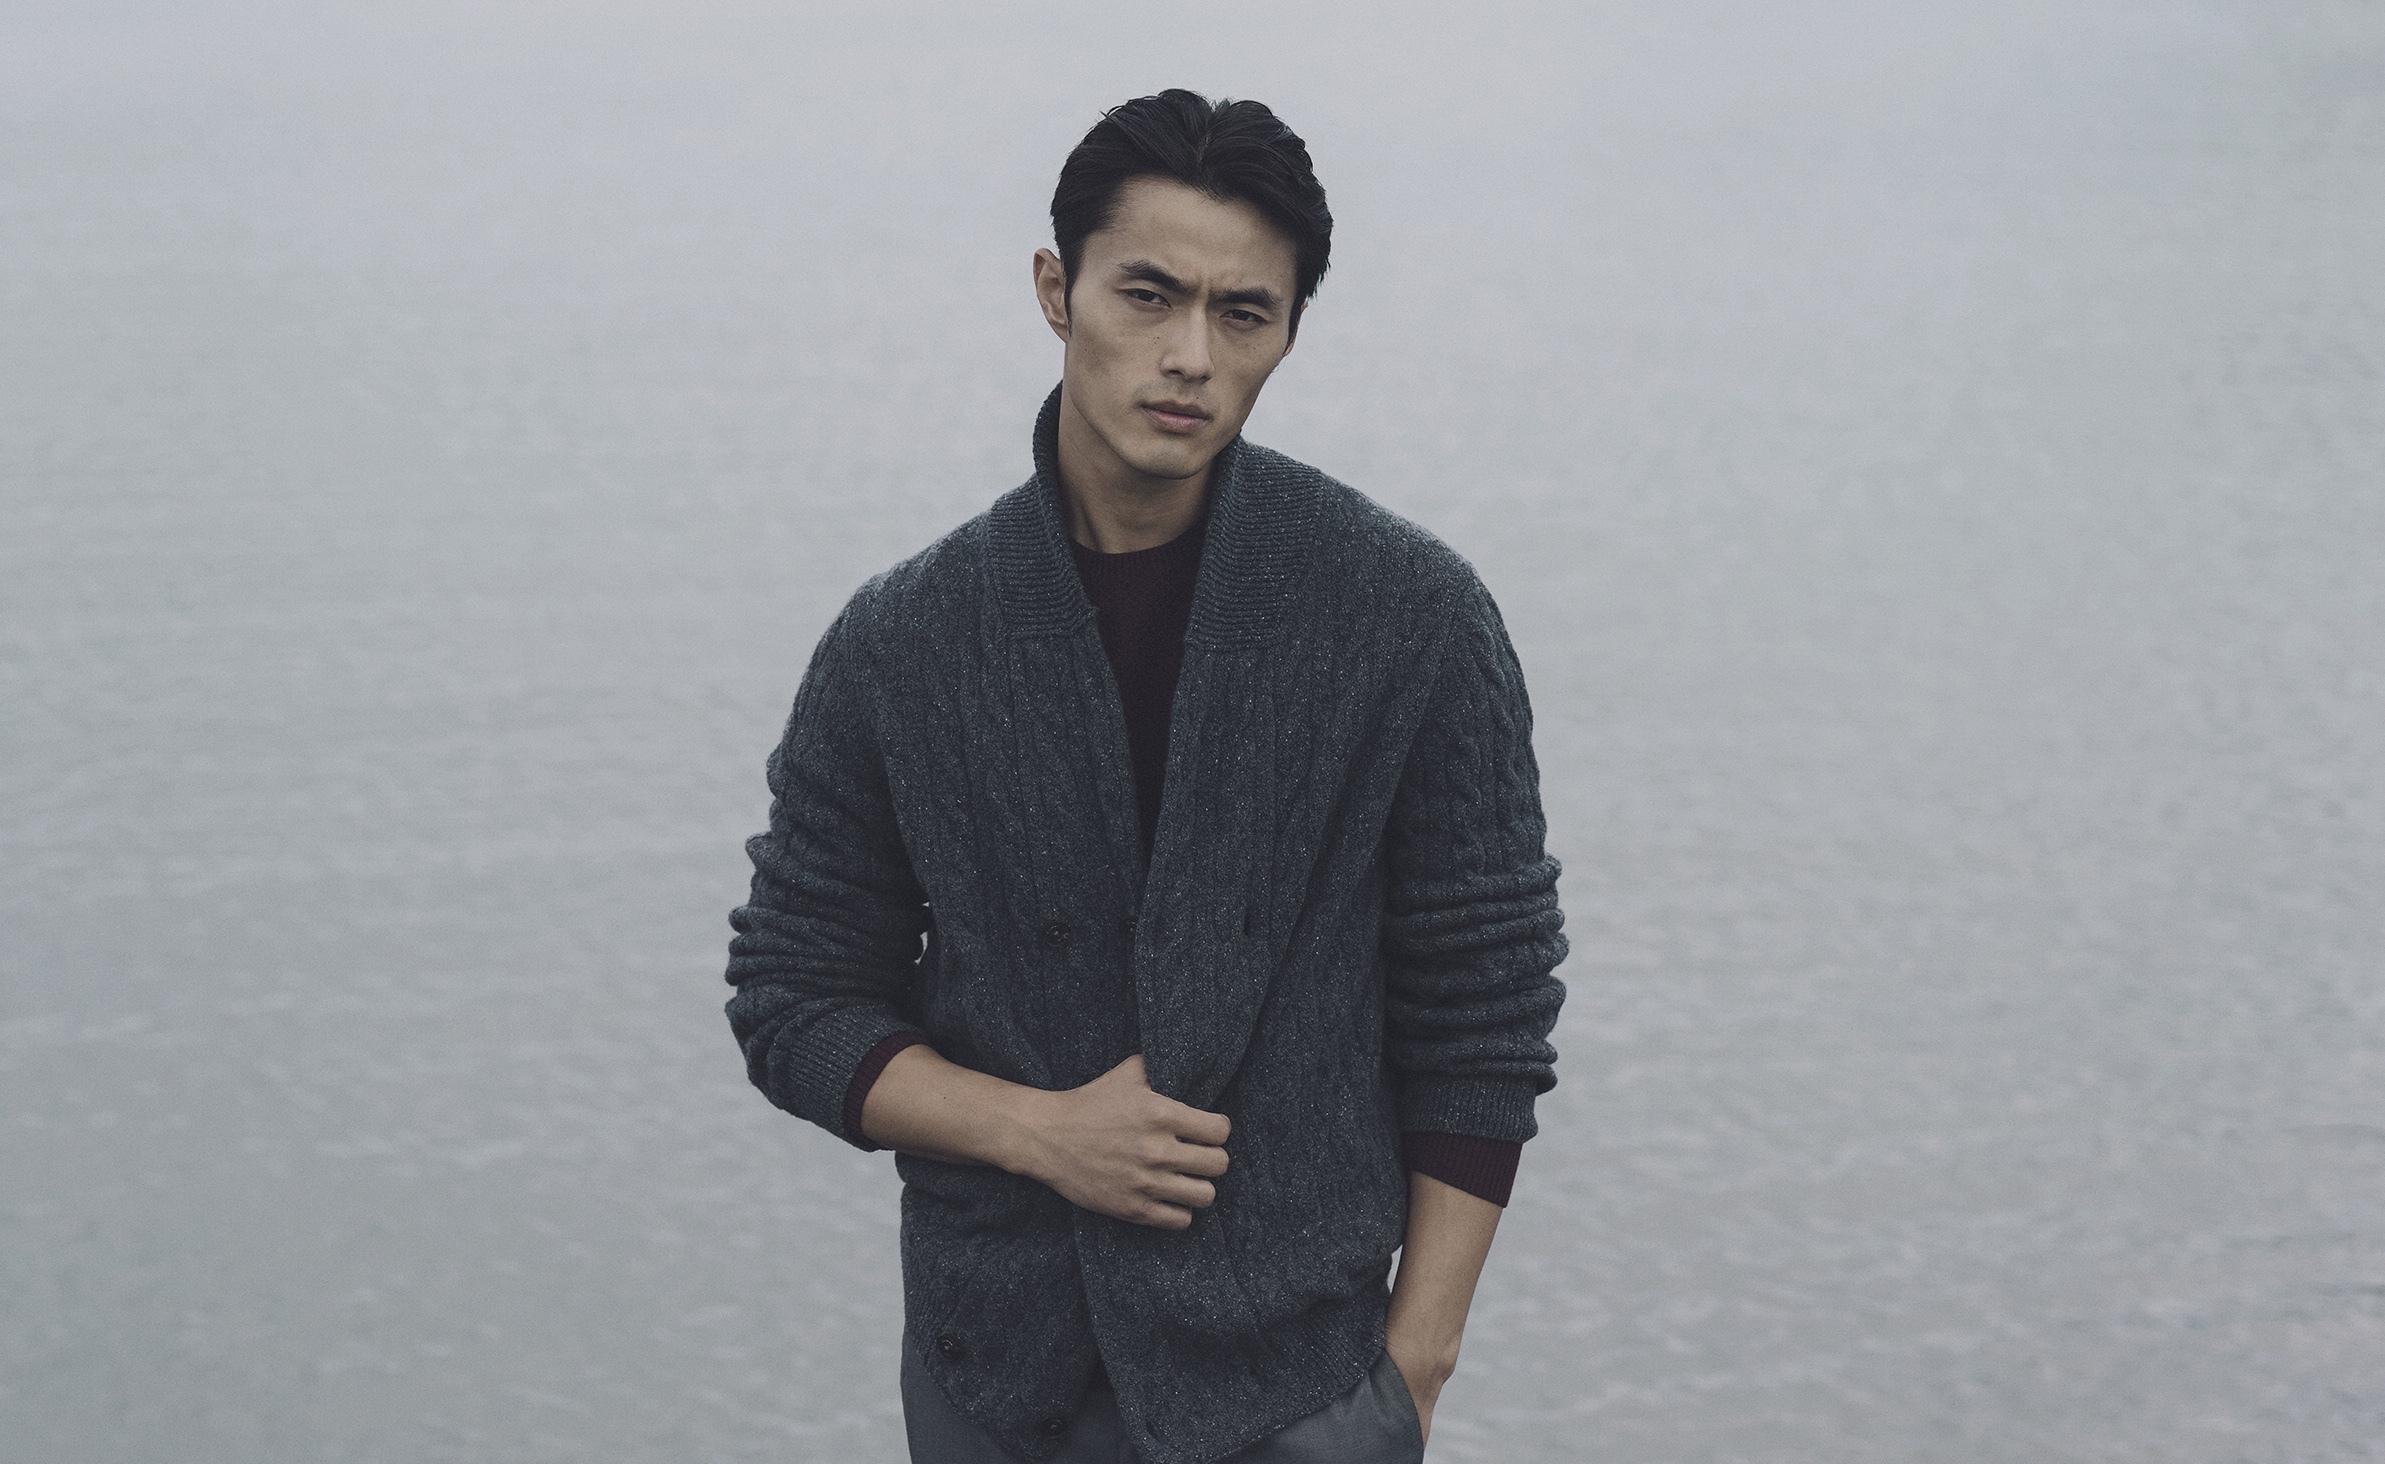 2017搜狐时尚盛典年度超级男模特提名:赵磊